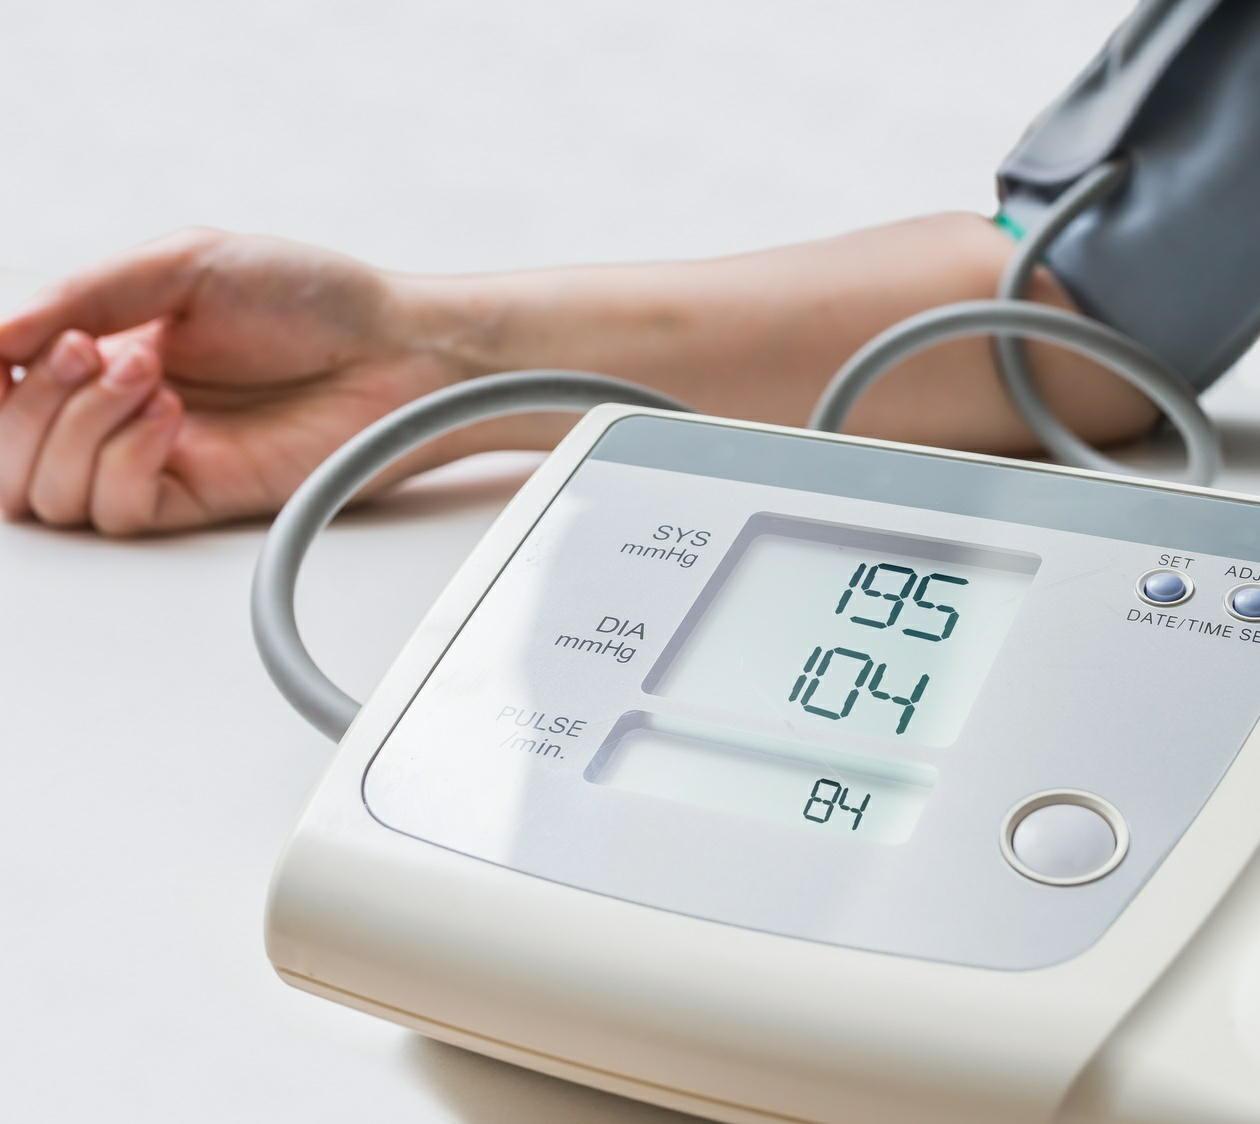 高血圧学会が自治体対象にモデルタウン募集 「高血圧ゼロのまち」を目指す